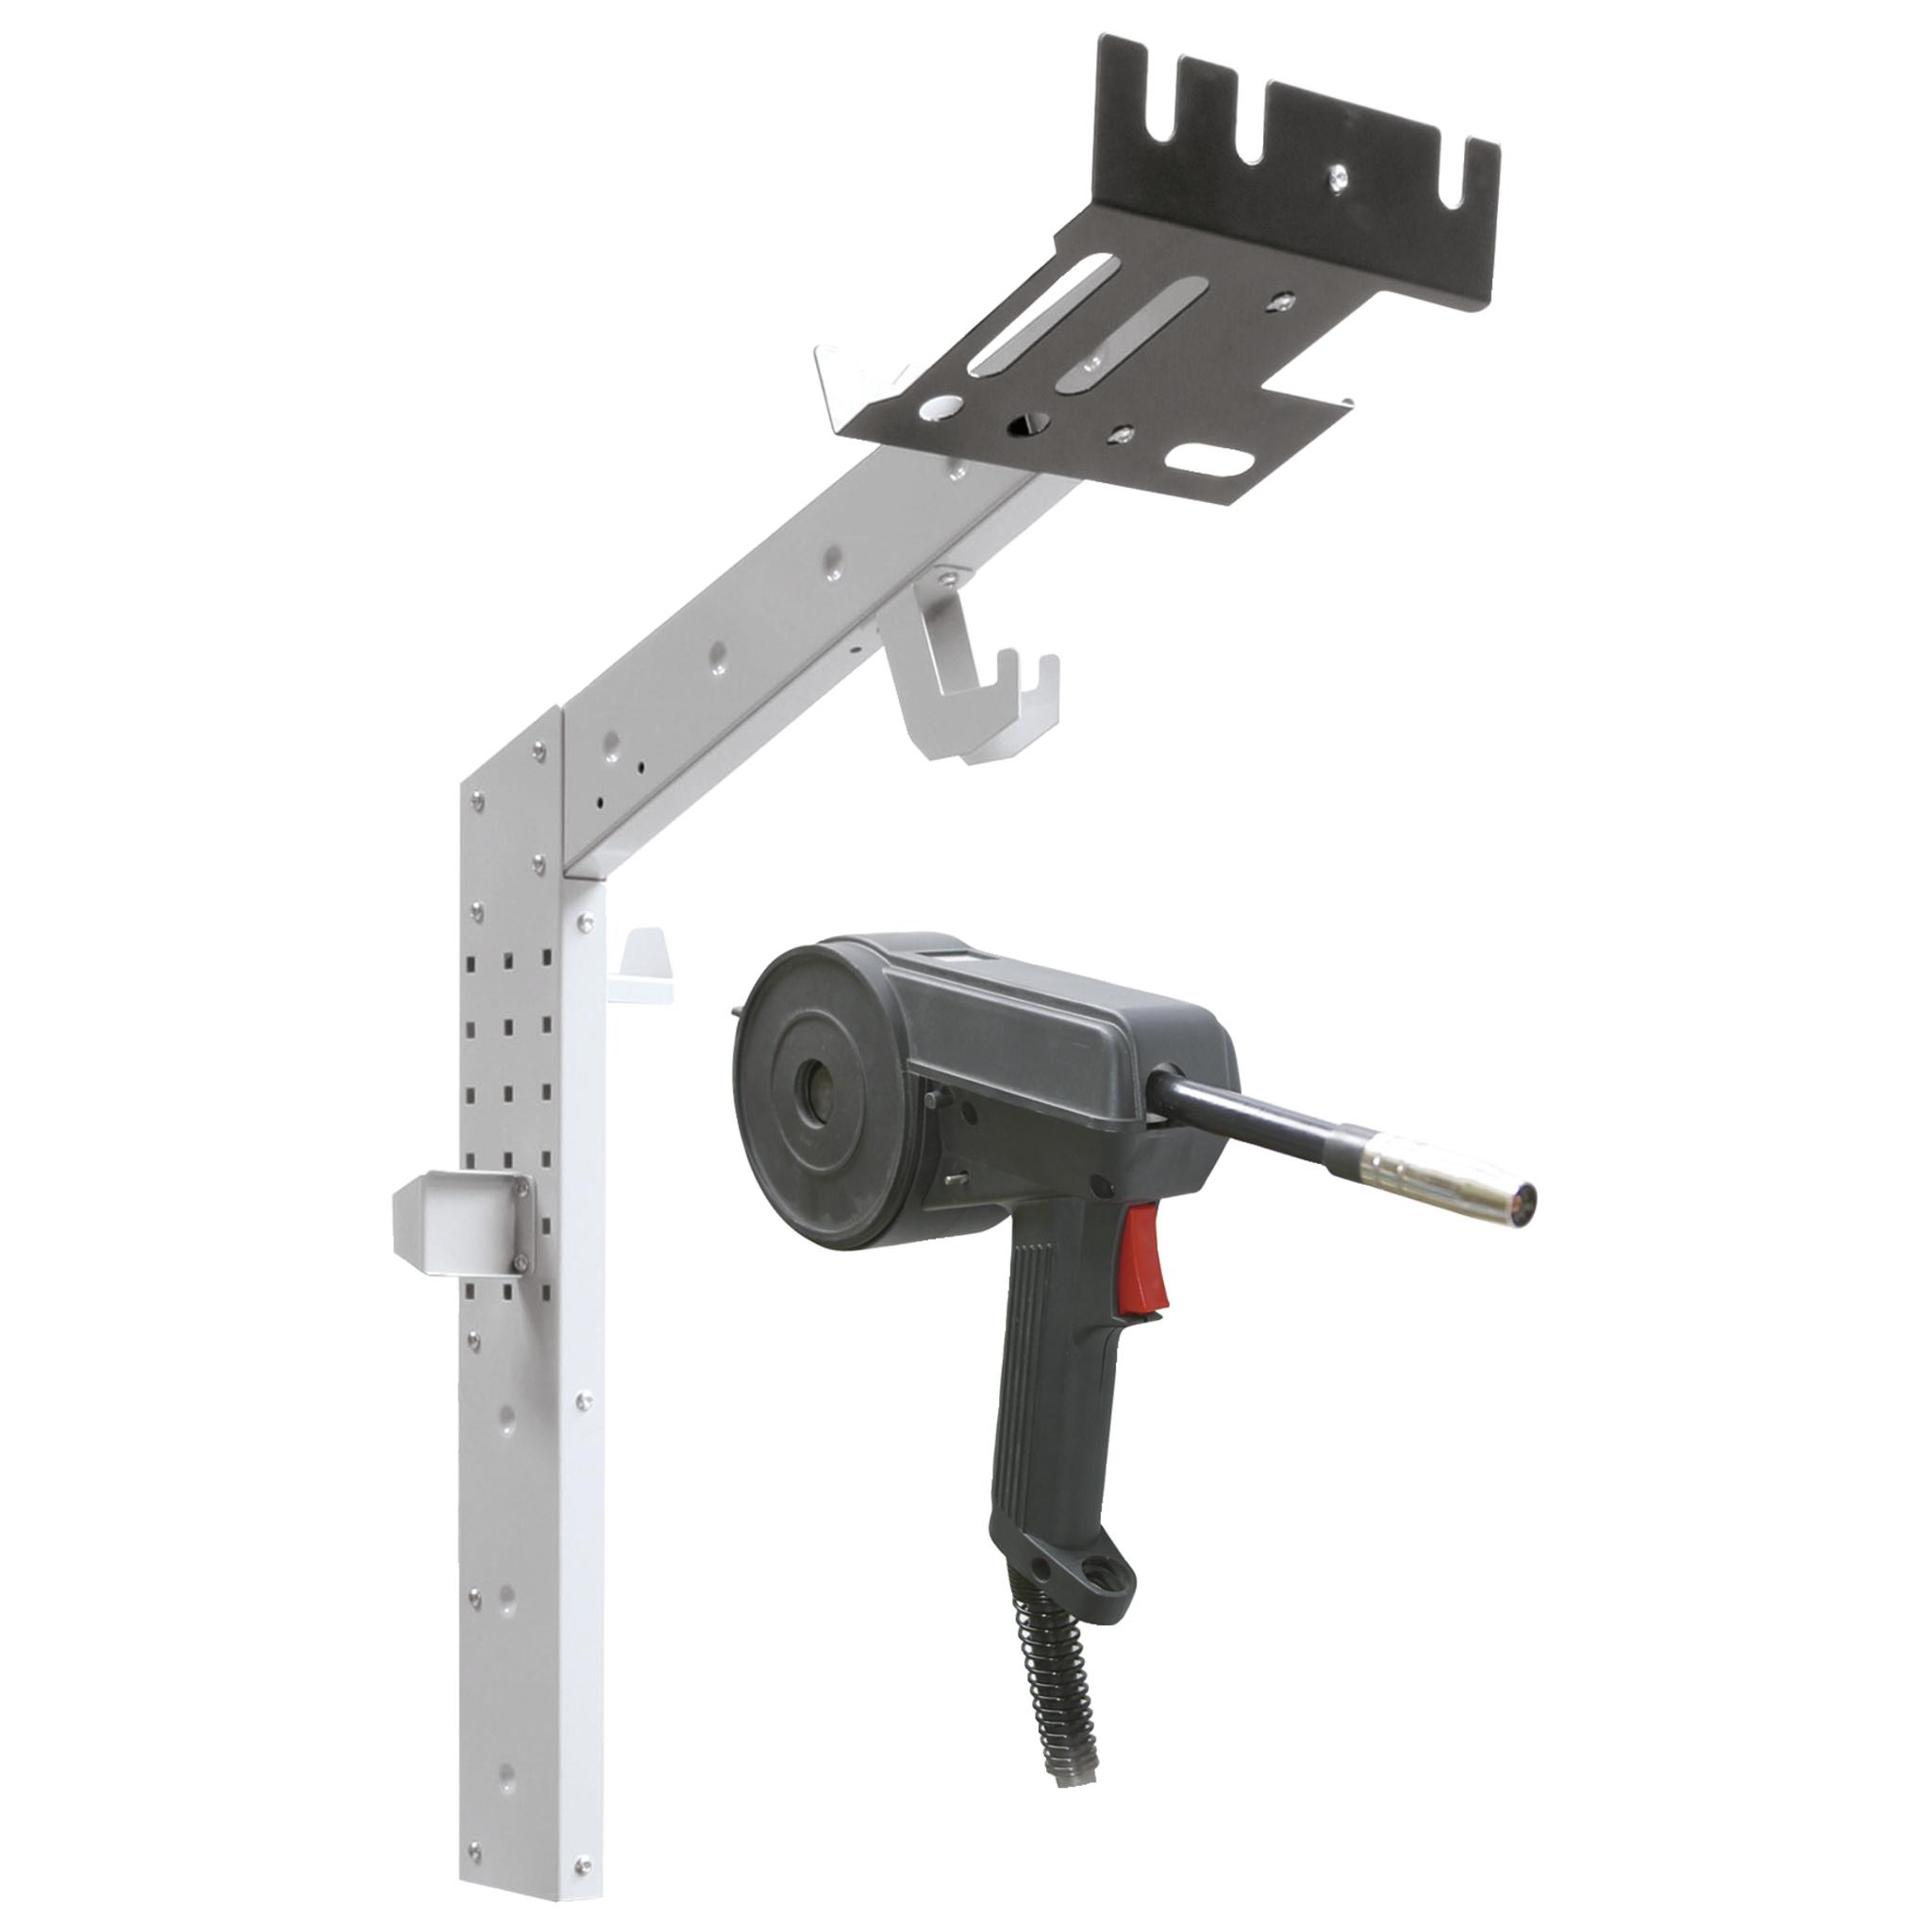 GYS Spool-Gun Brenner + Ausleger M3 / T3 038554